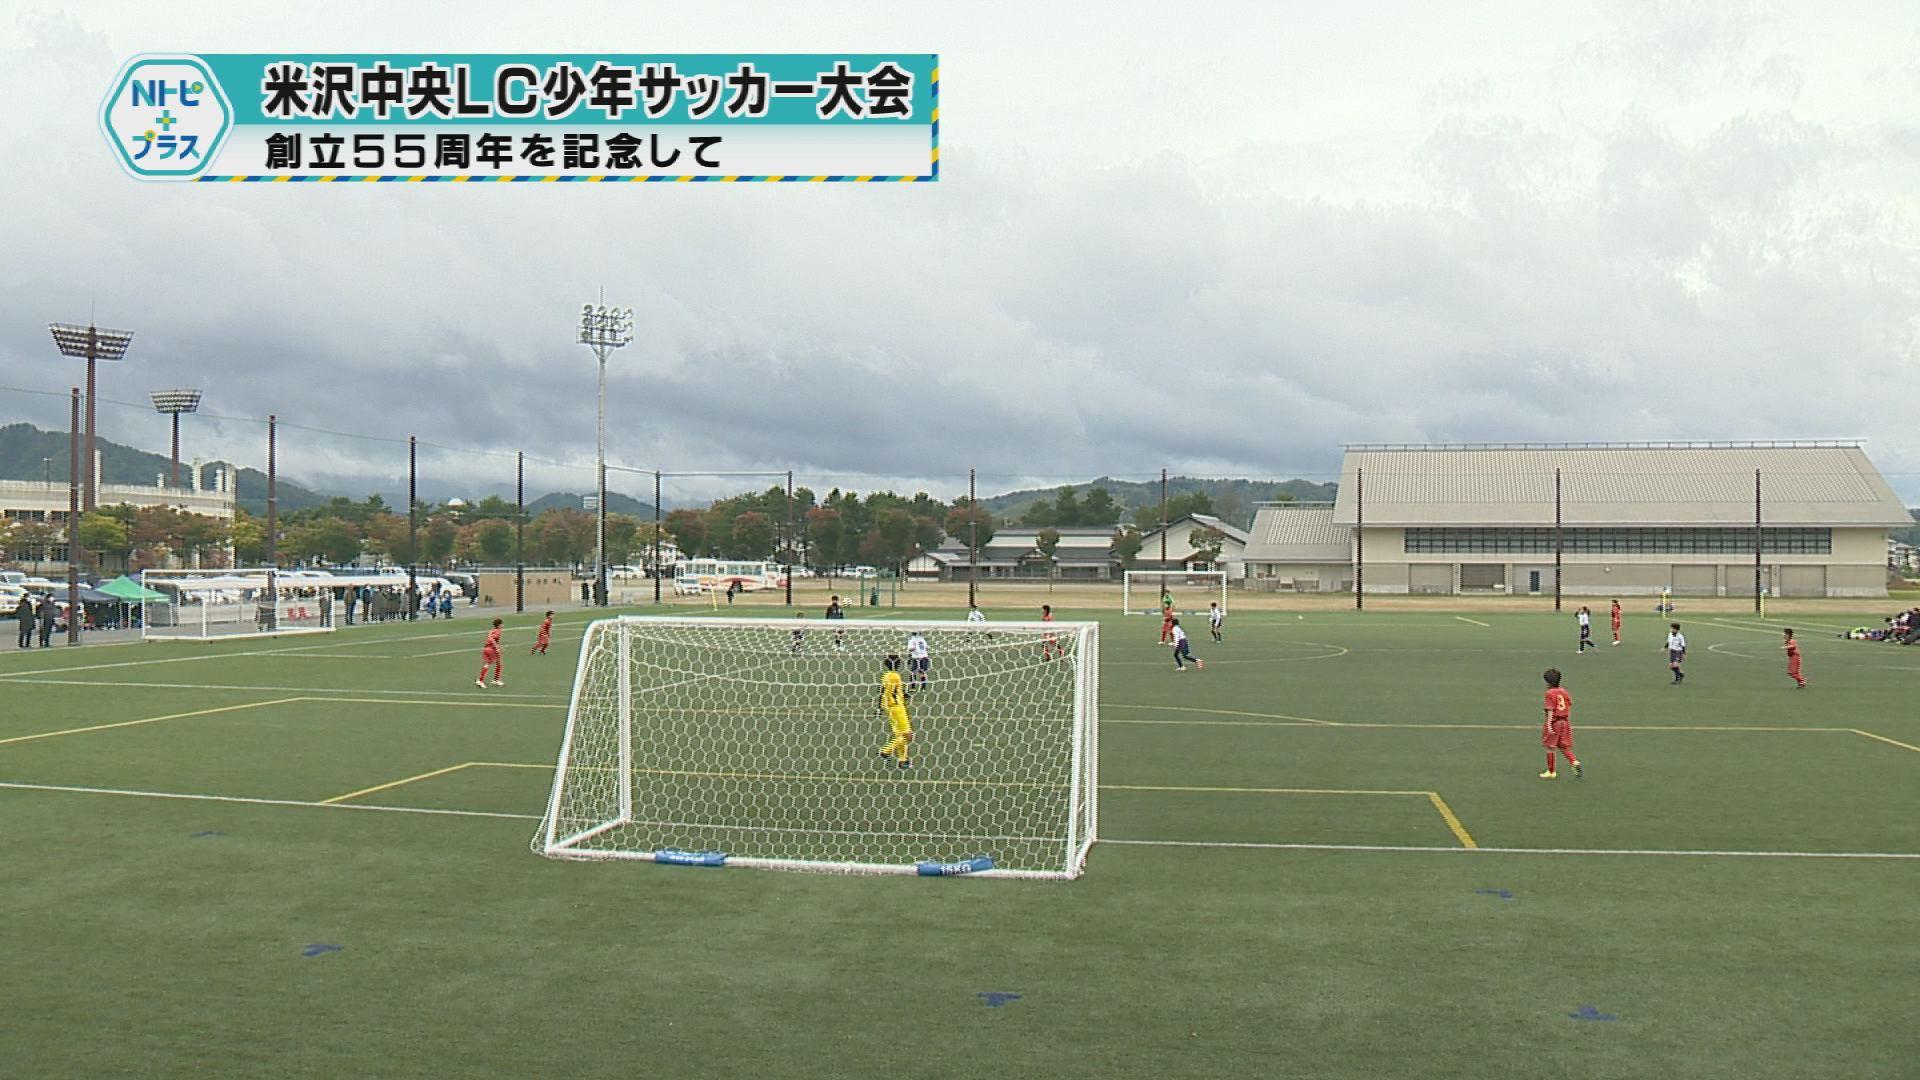 「米沢中央LC少年サッカー大会」創立55周年を記念して